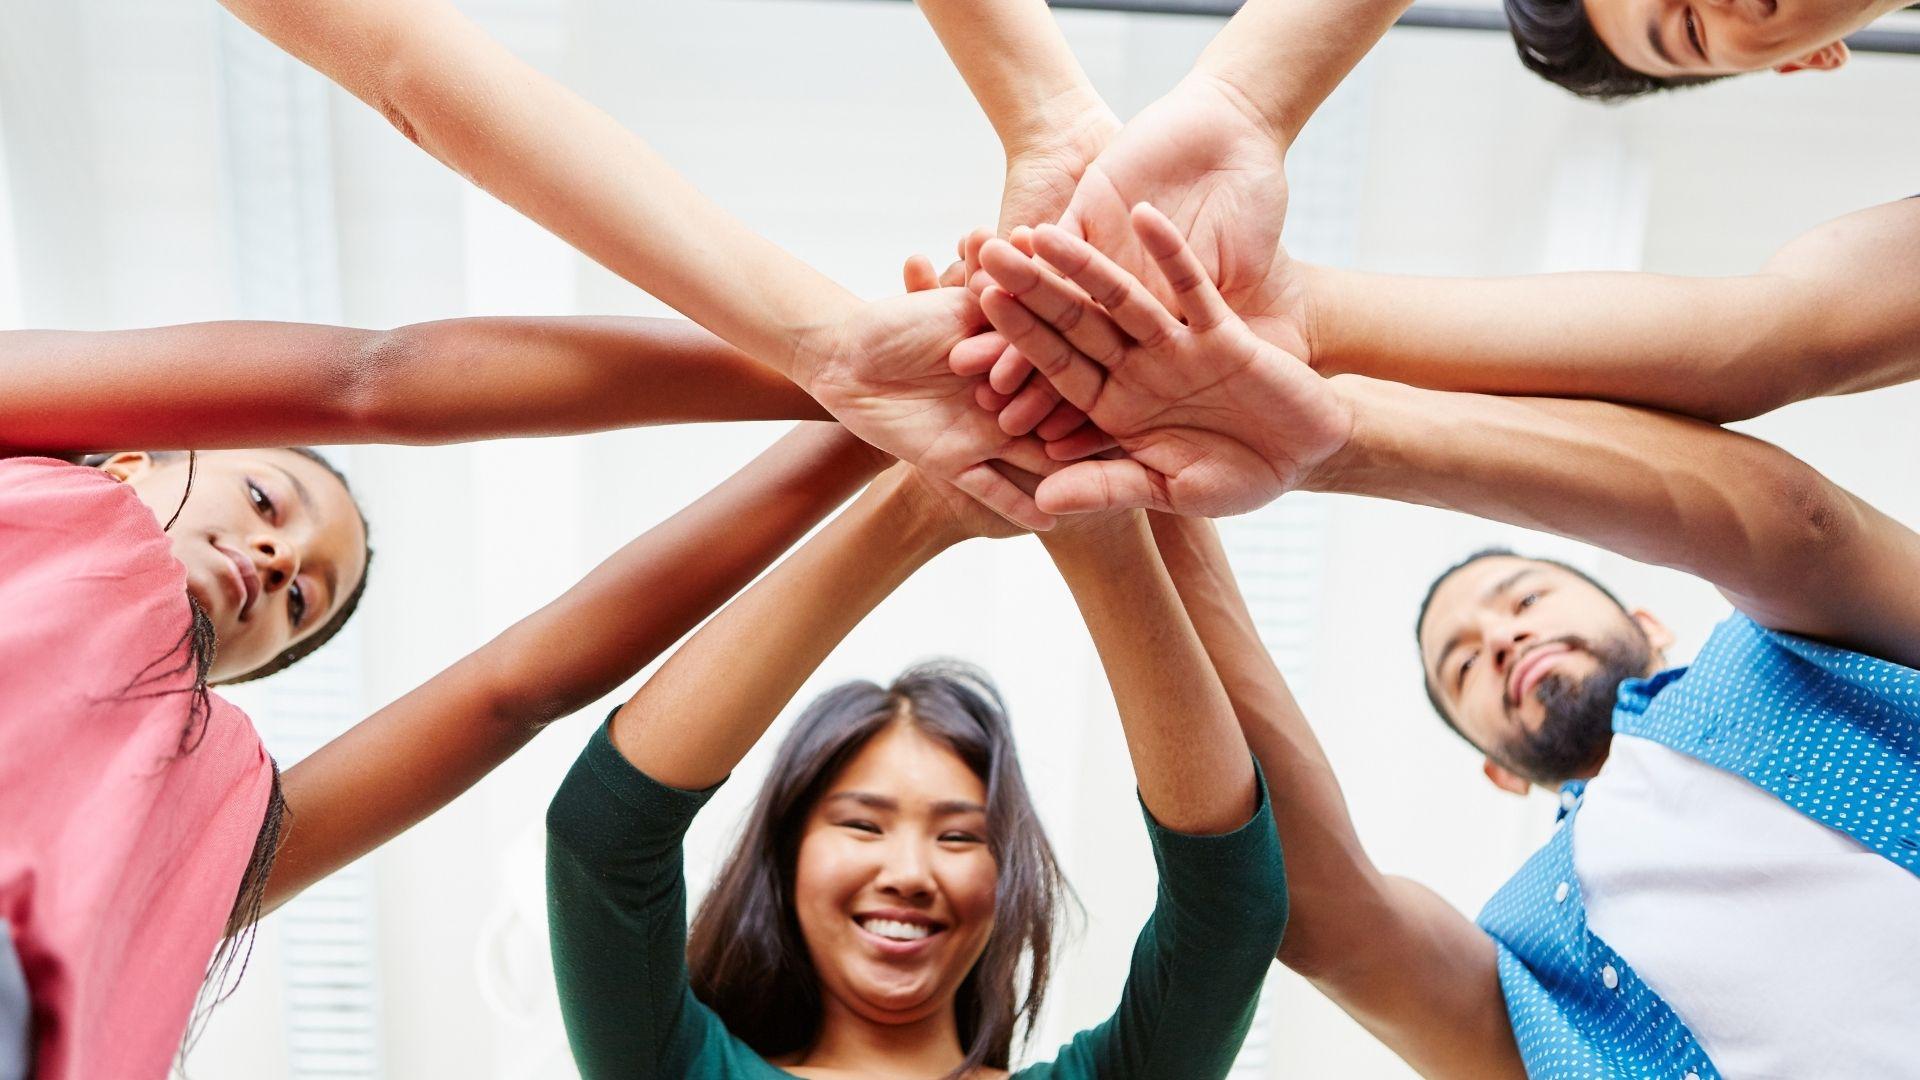 Marketing Multinivel ¿Estafa u oportunidad de negocio rentable?